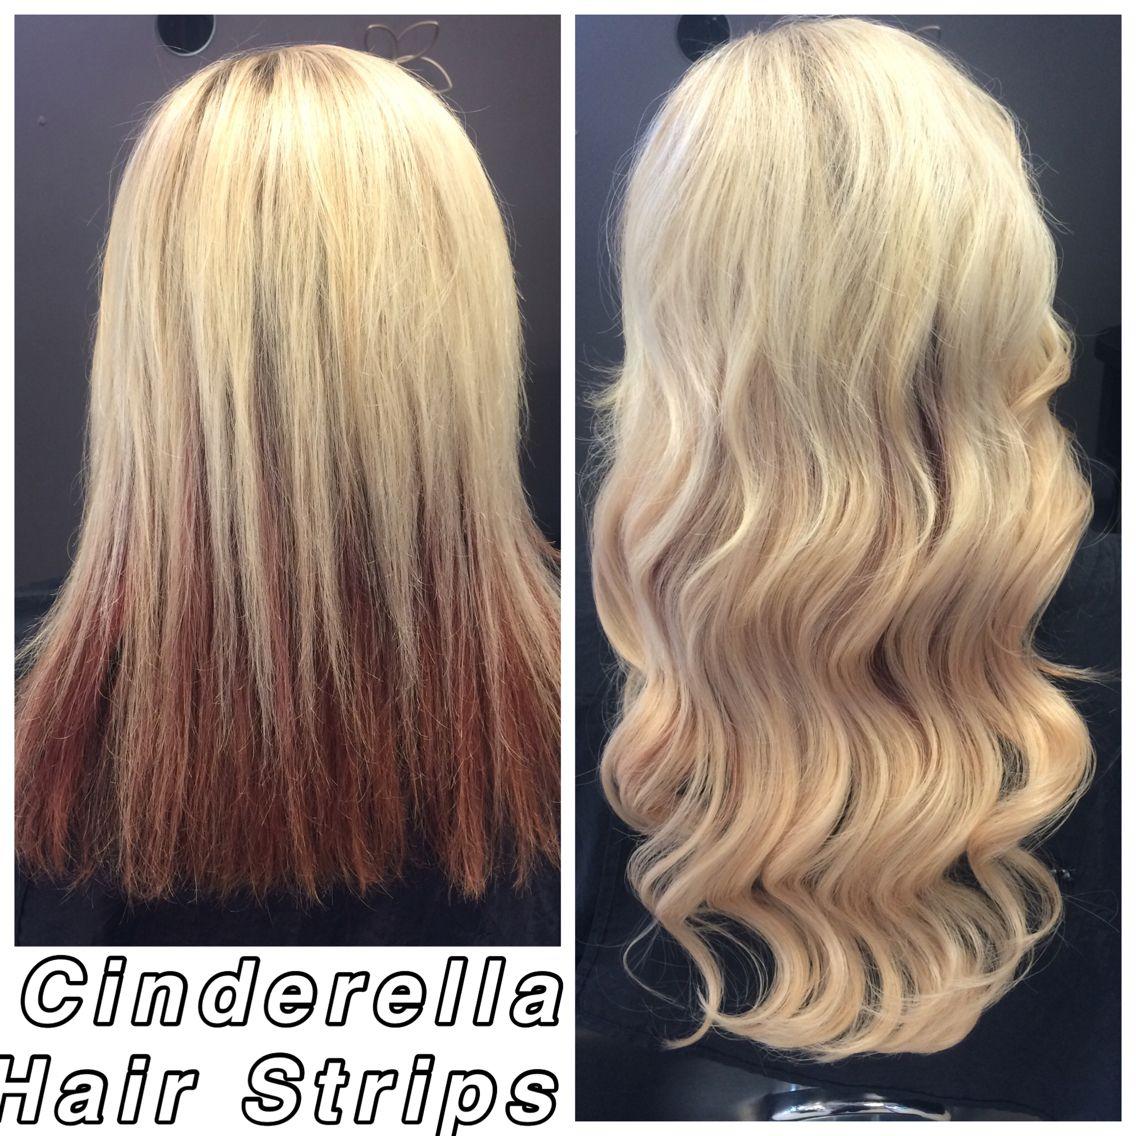 Cinderella Hair Strips